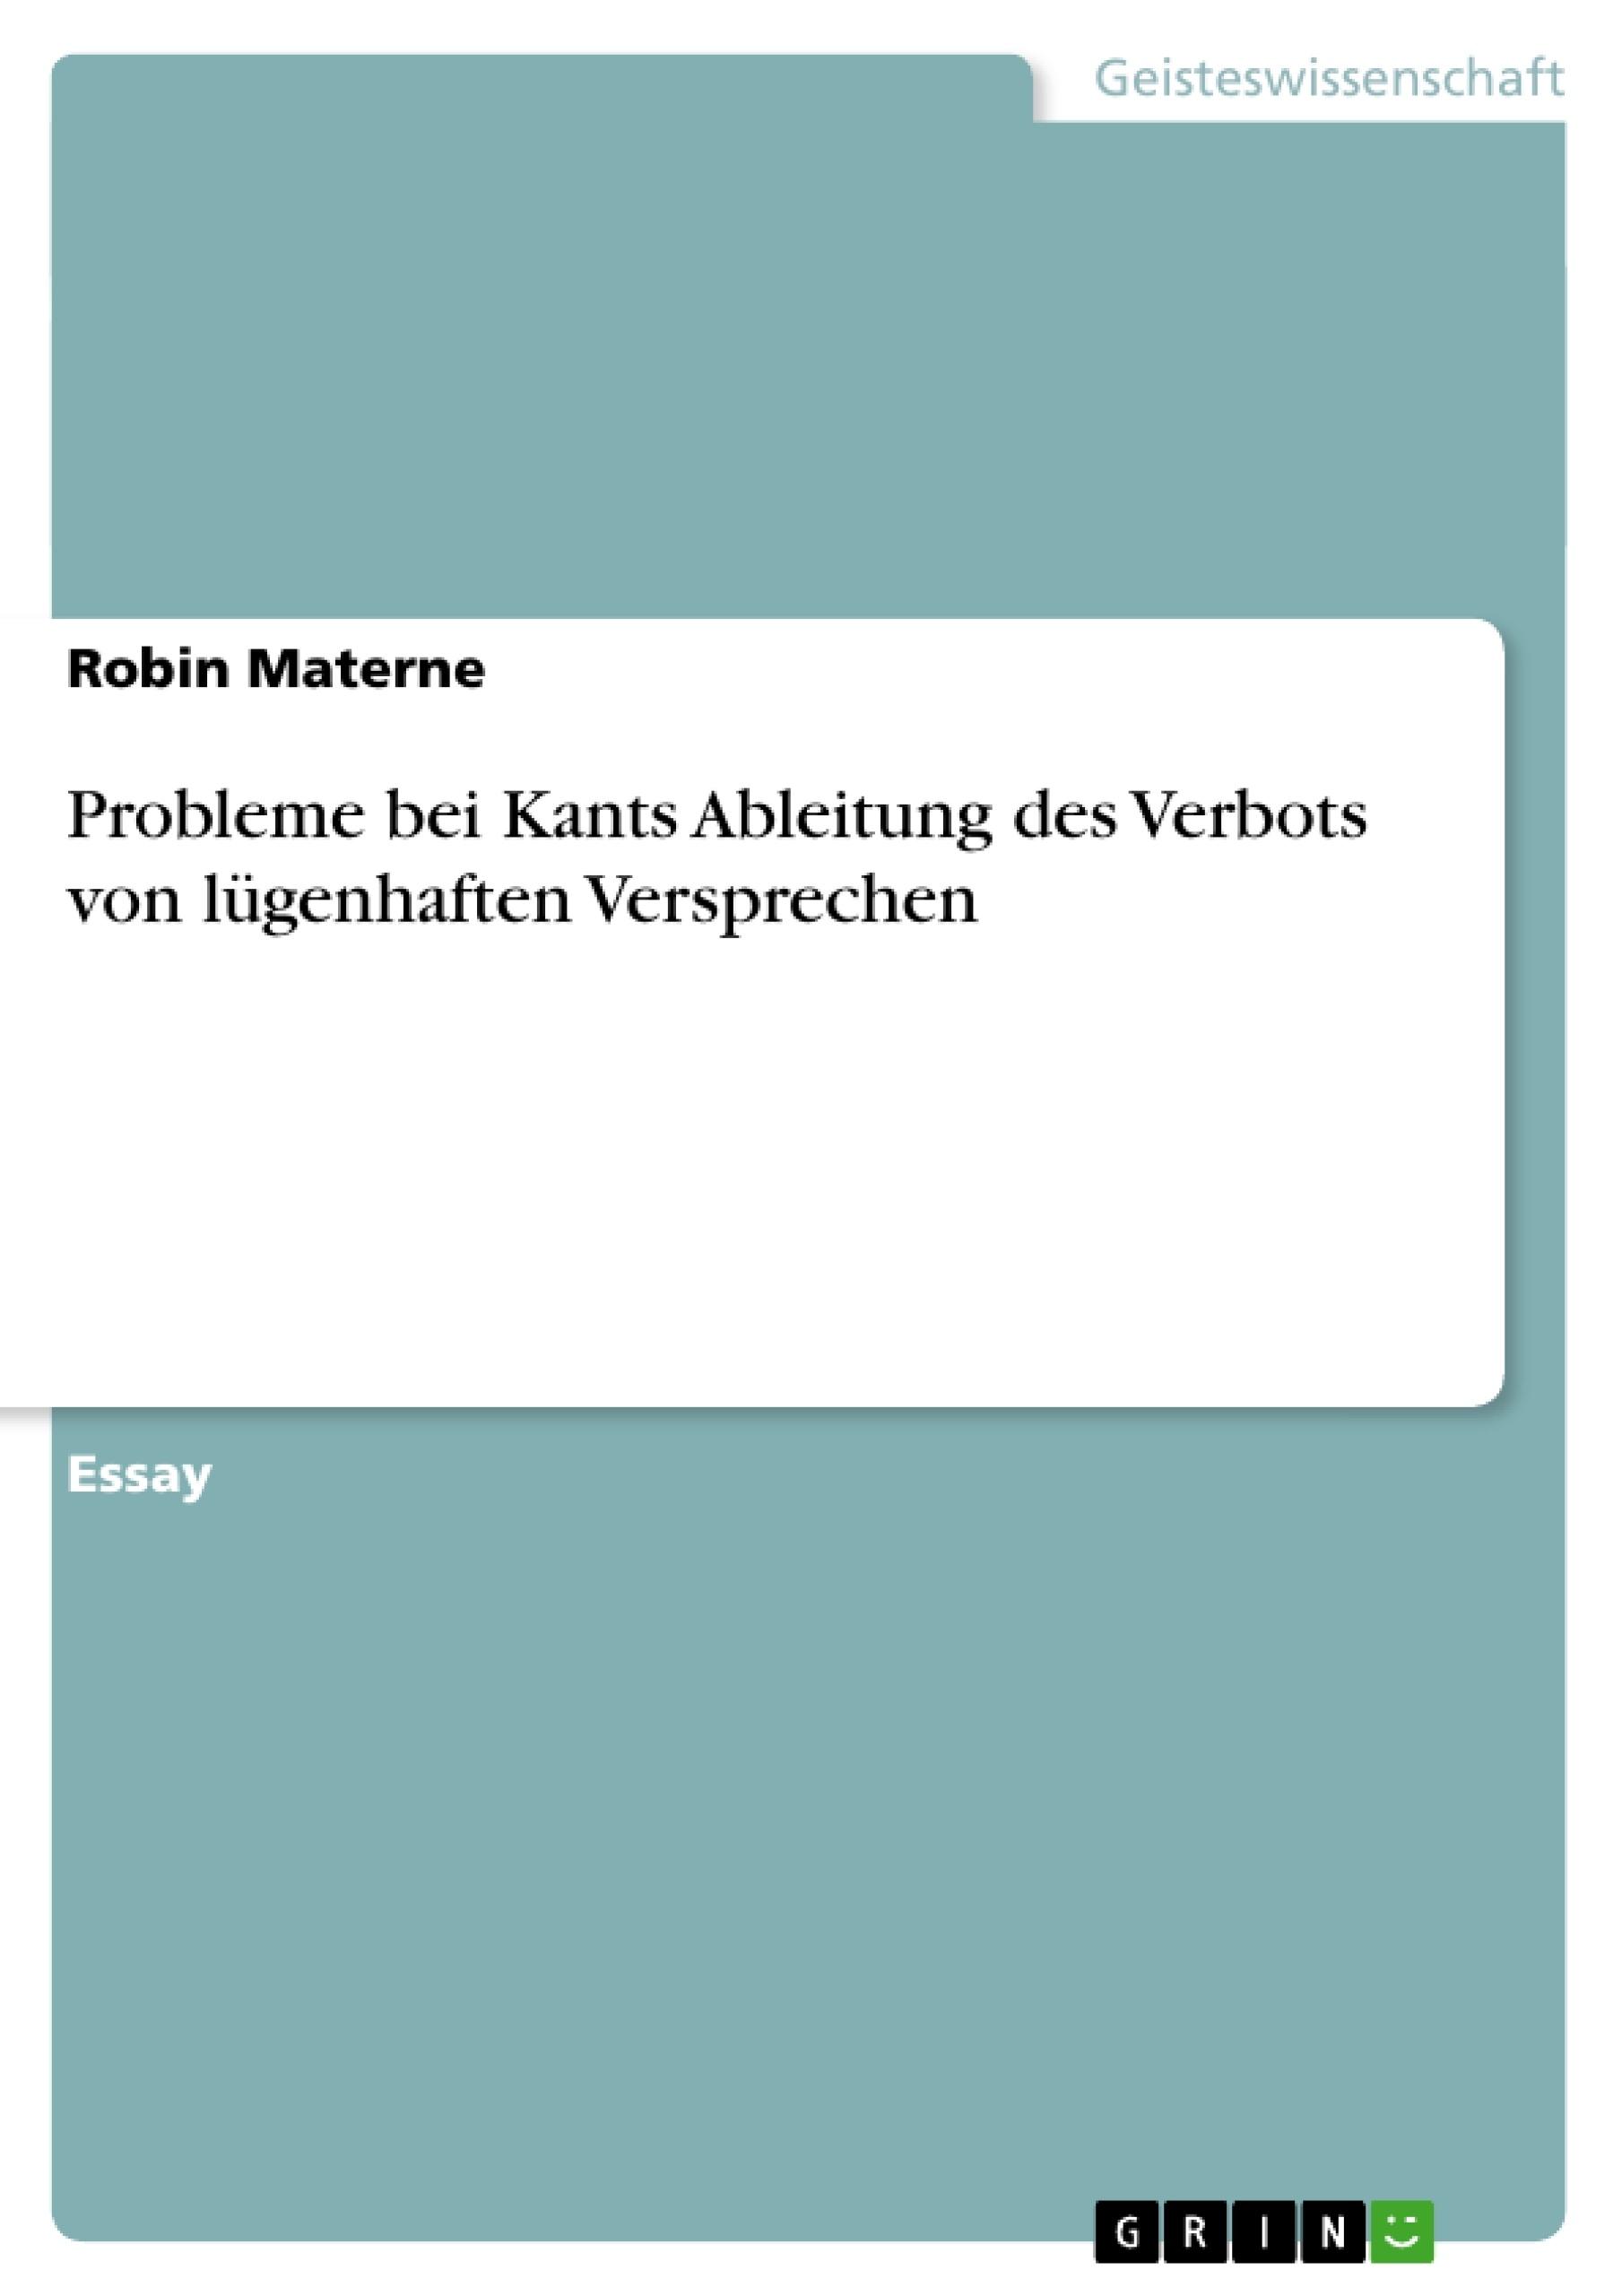 Titel: Probleme bei Kants Ableitung des Verbots von lügenhaften Versprechen